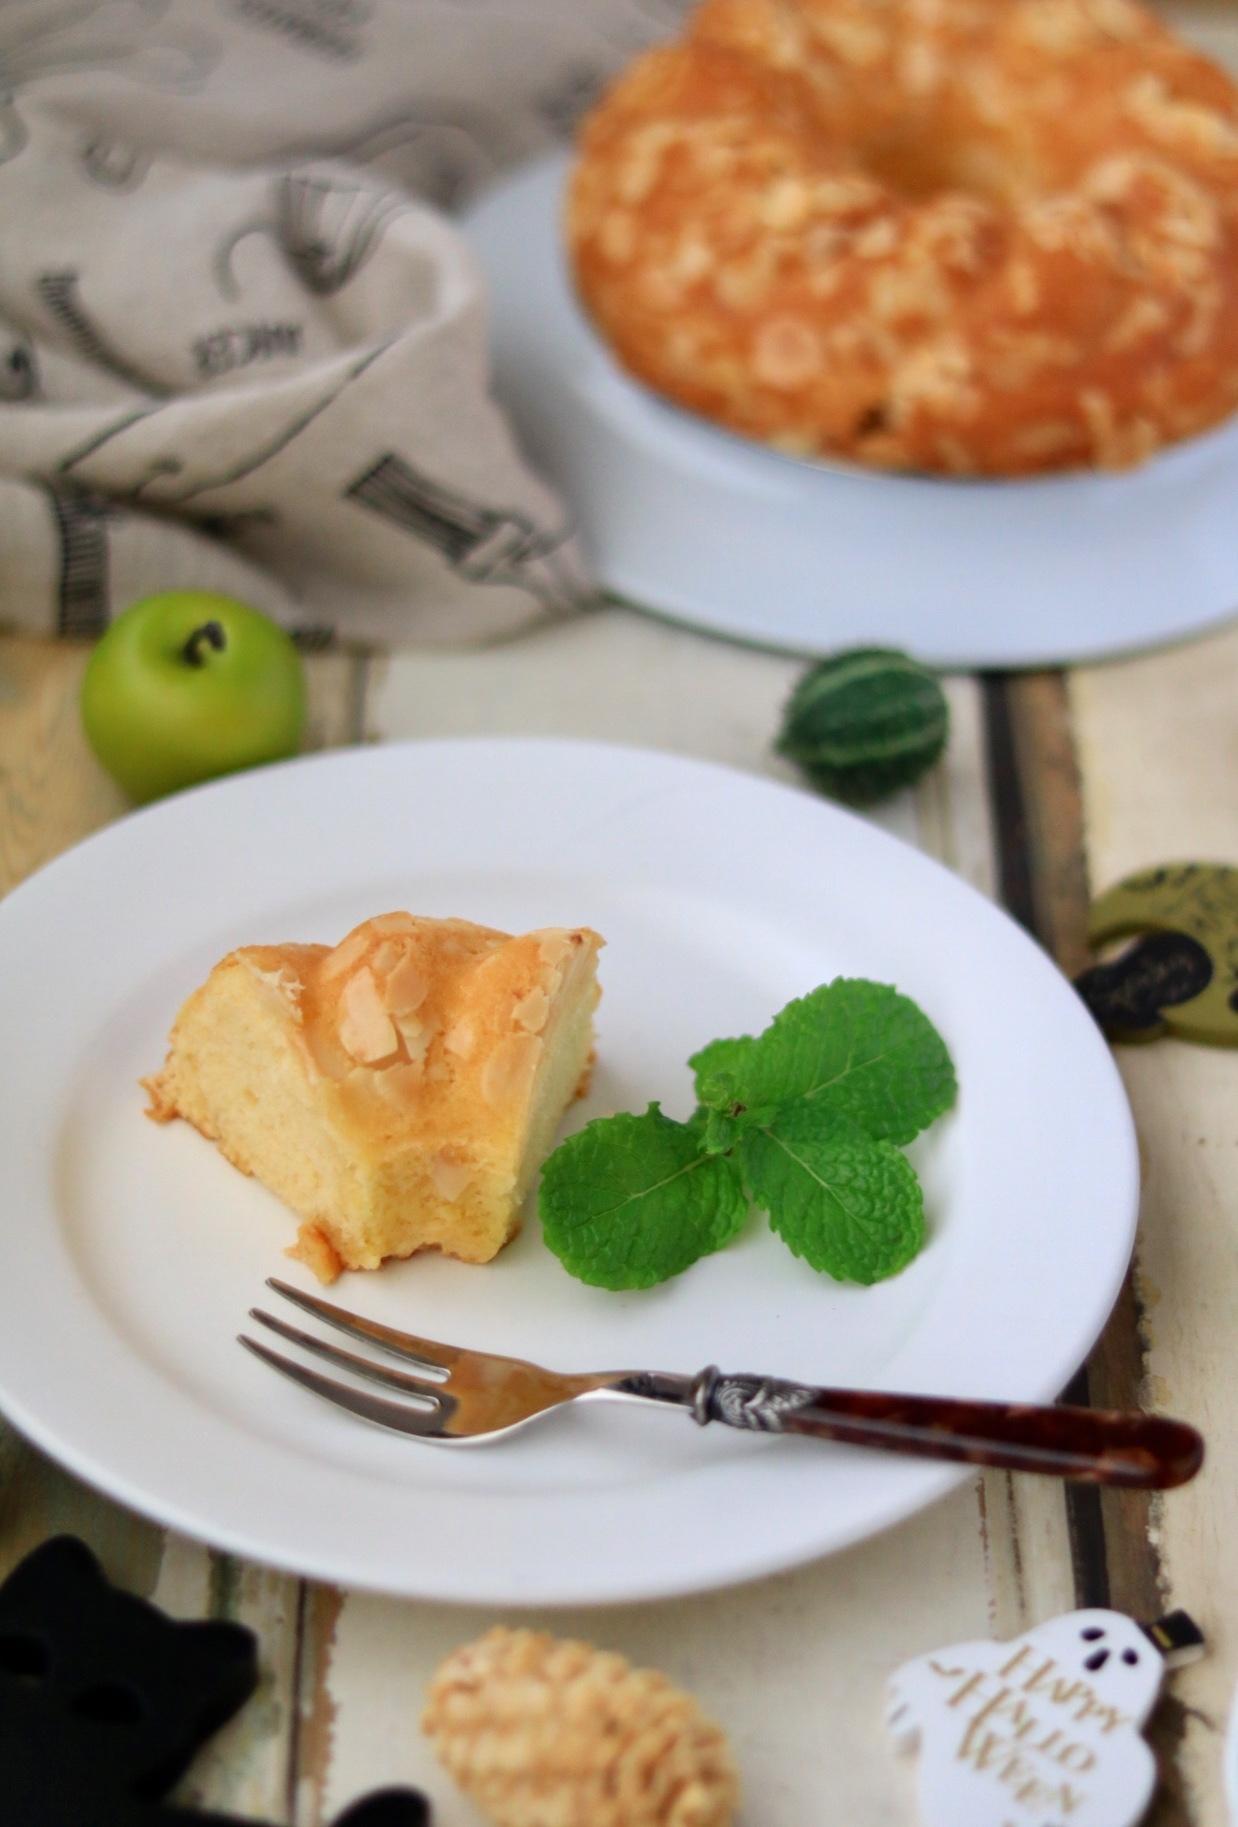 ラミのパン教室10月ケーキ編_c0366722_17510092.jpeg